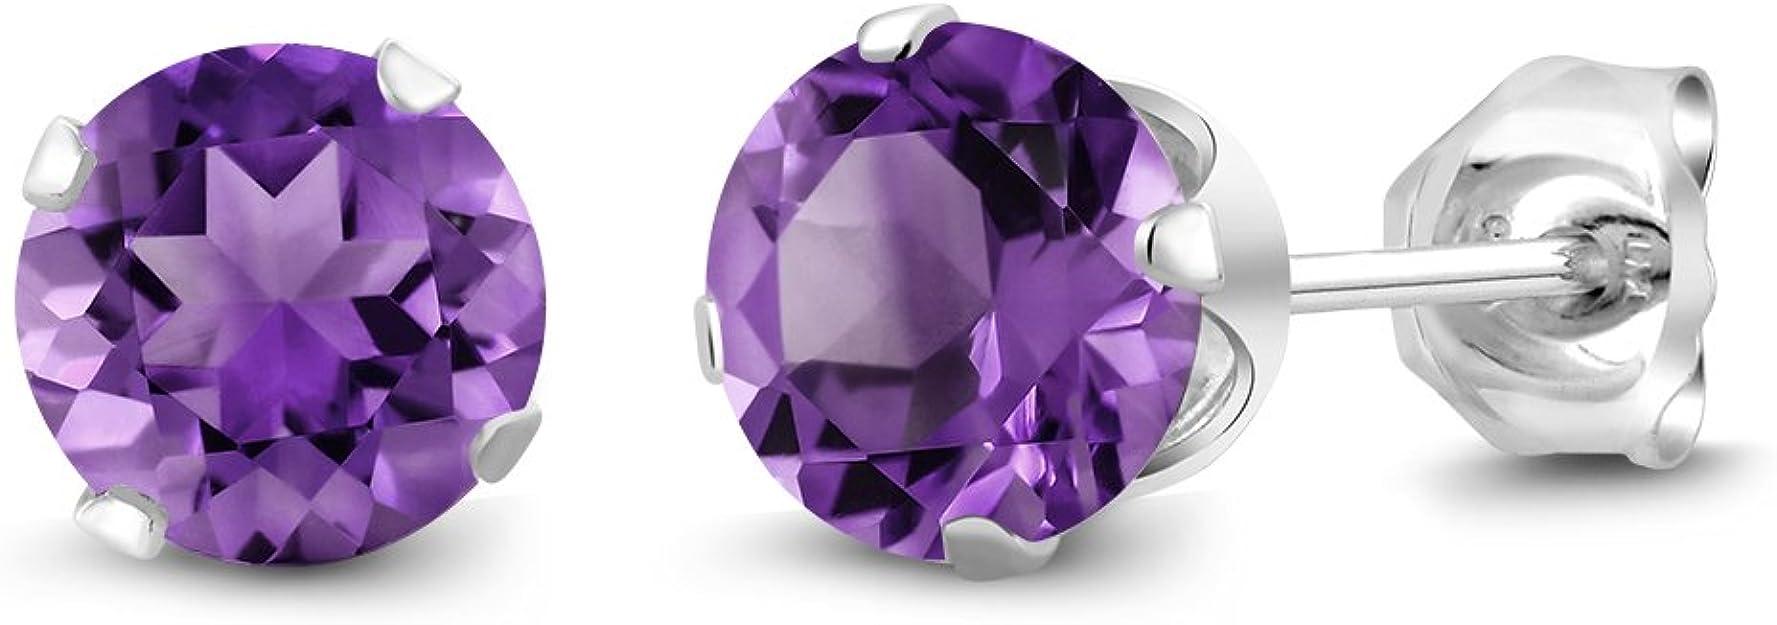 Purple Amethyst Rhinestone Pierced Earrings on a Sterling Silver Setting